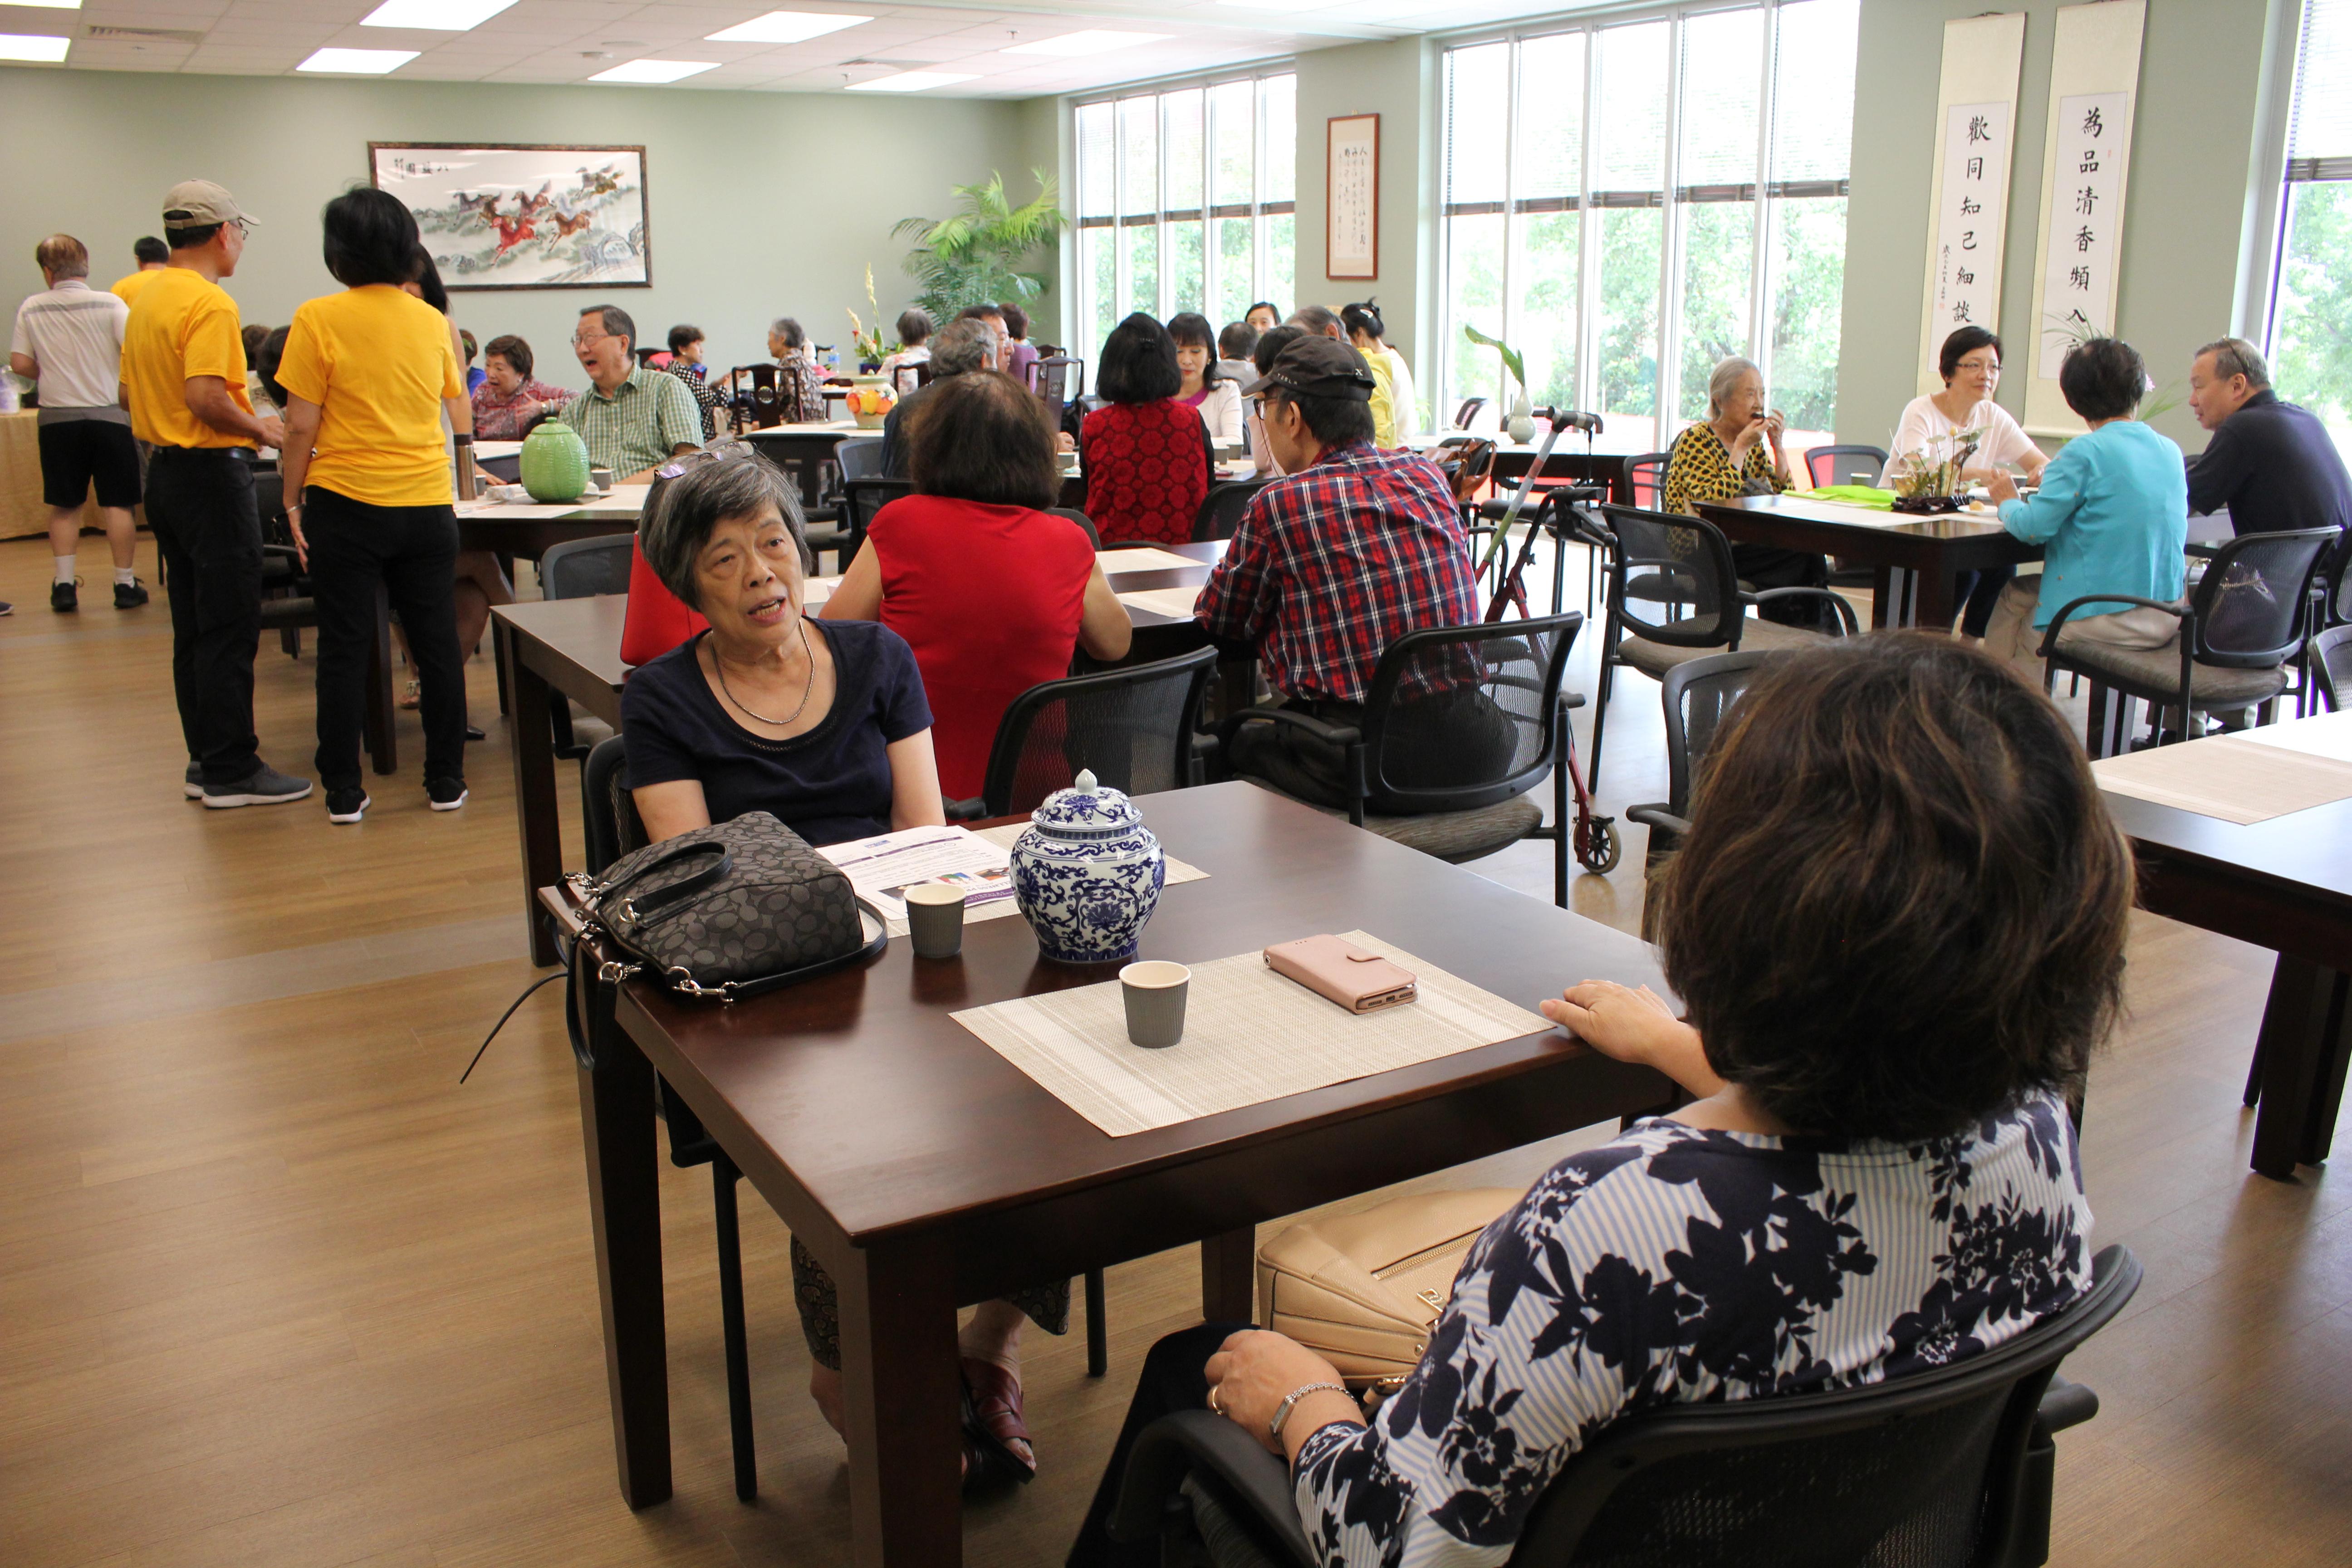 中華文化中心的「茶館」採會員制,民眾可在此窗明几淨的環境中談天說地。